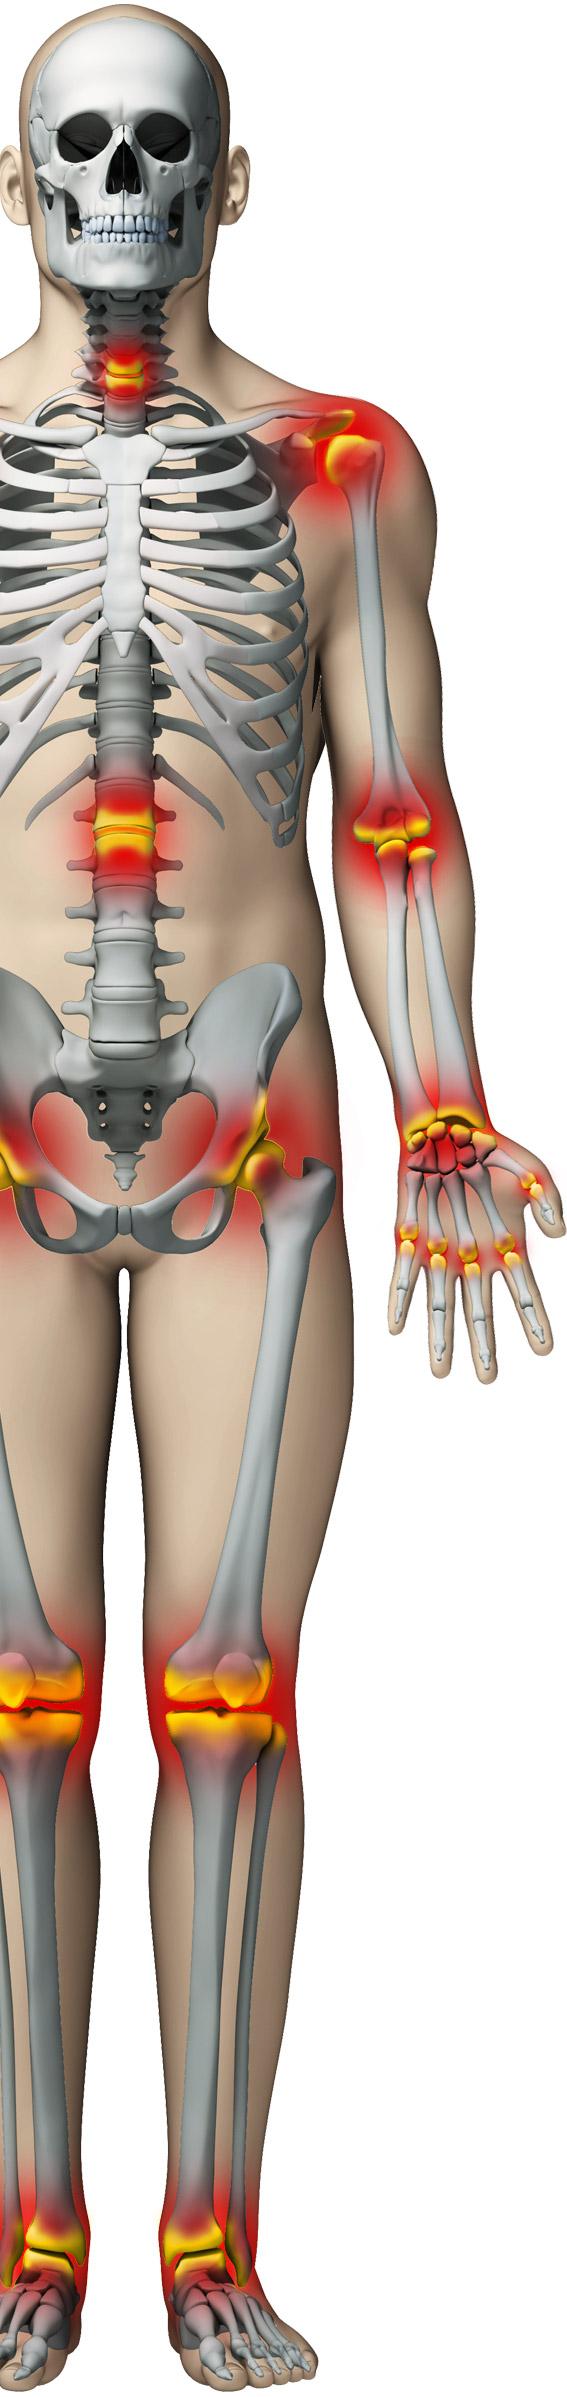 retete pentru dureri articulare care au ajutat